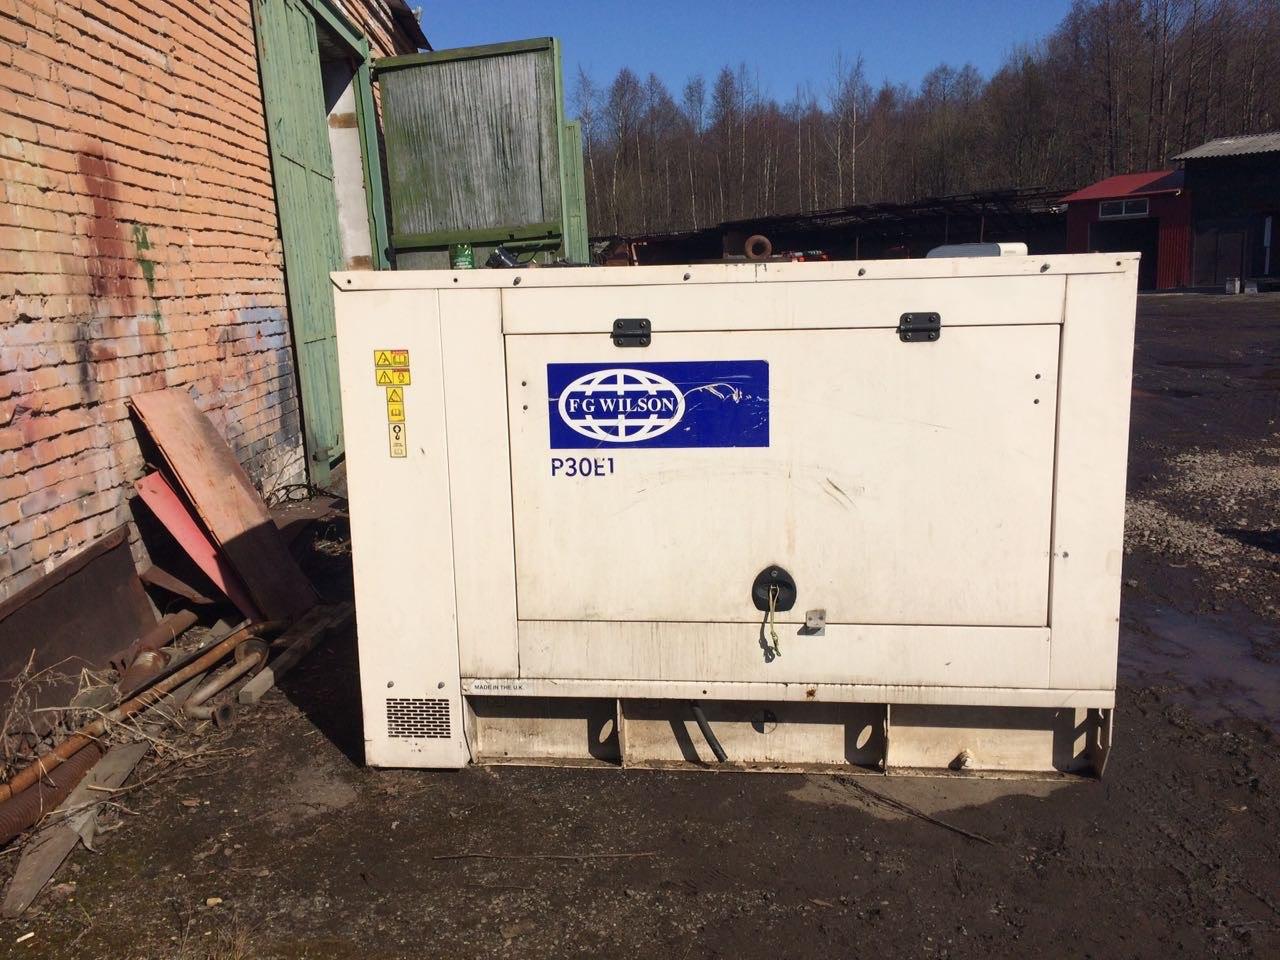 -Продаём дизельную электростанцию FG Wilson P30E1 в шумоизолирующем кожухе